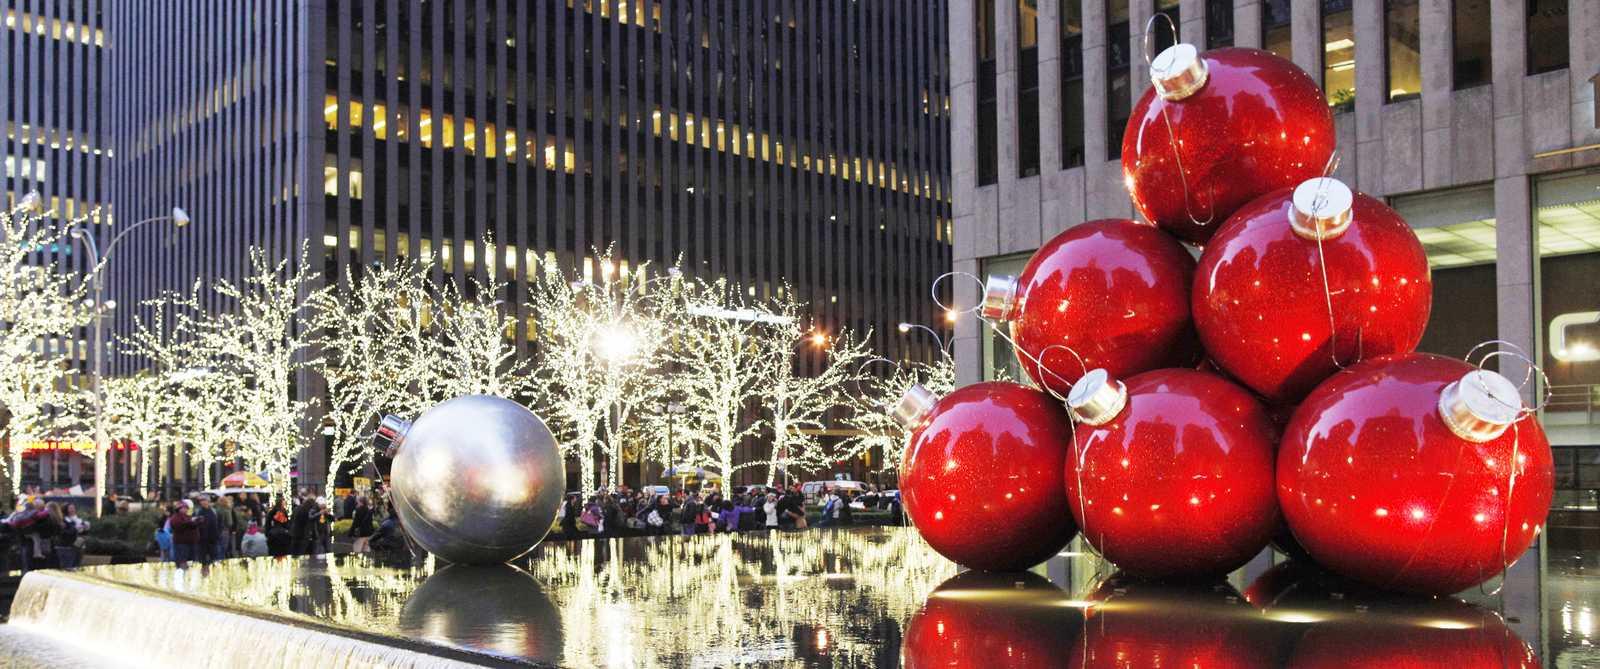 Weihnachtskugeln in der 6th Avenue